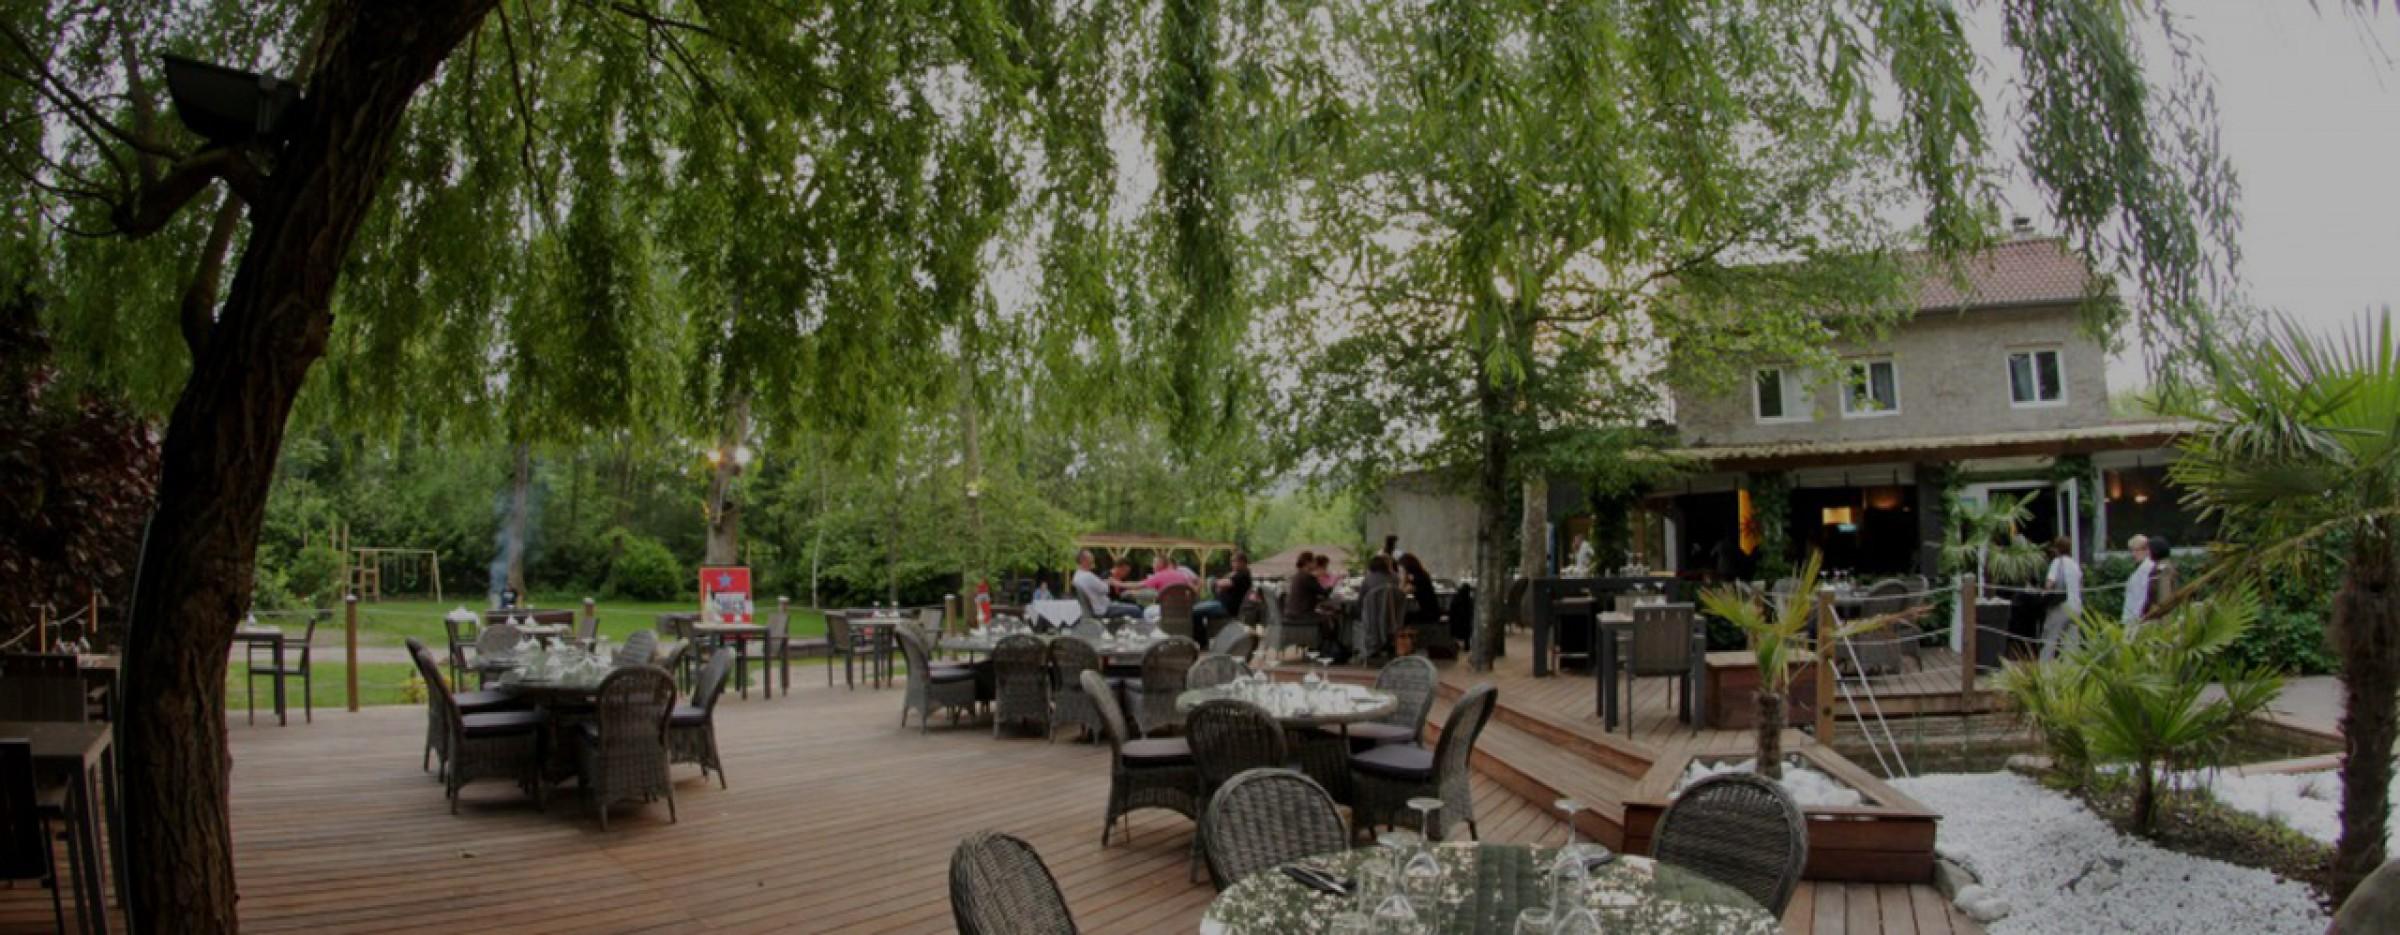 """Résultat de recherche d'images pour """"l'ile restaurant"""""""